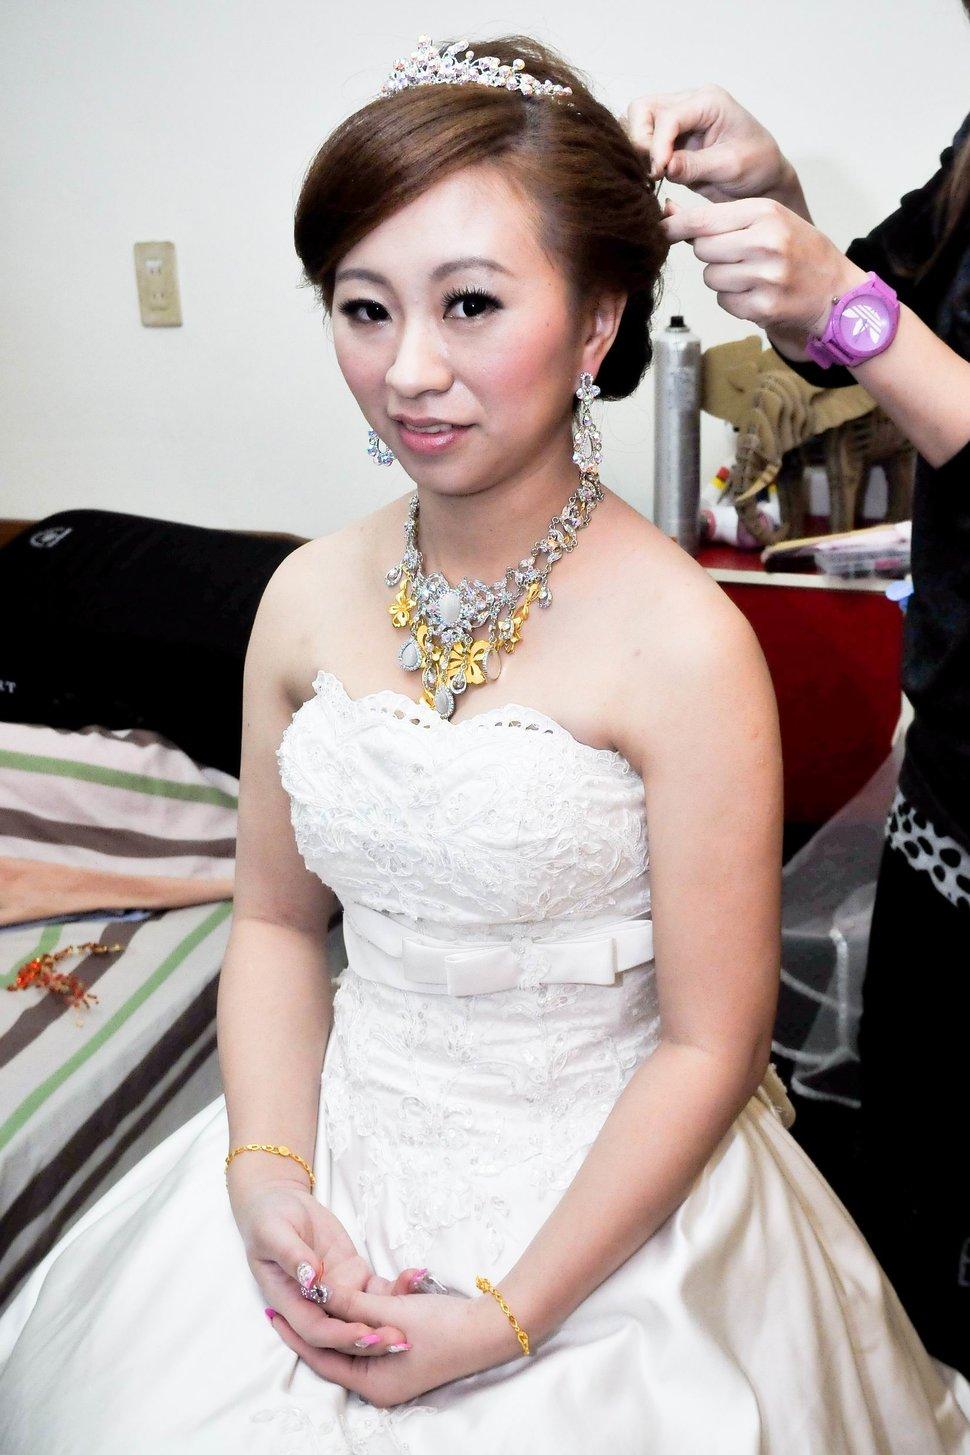 海產大王文定結婚儀式迎娶晚宴婚禮結婚儀式午宴婚禮記錄動態微電影錄影專業錄影平面攝影婚攝婚禮主持人(編號:303345) - 蜜月拍照10800錄影12800攝影團隊 - 結婚吧